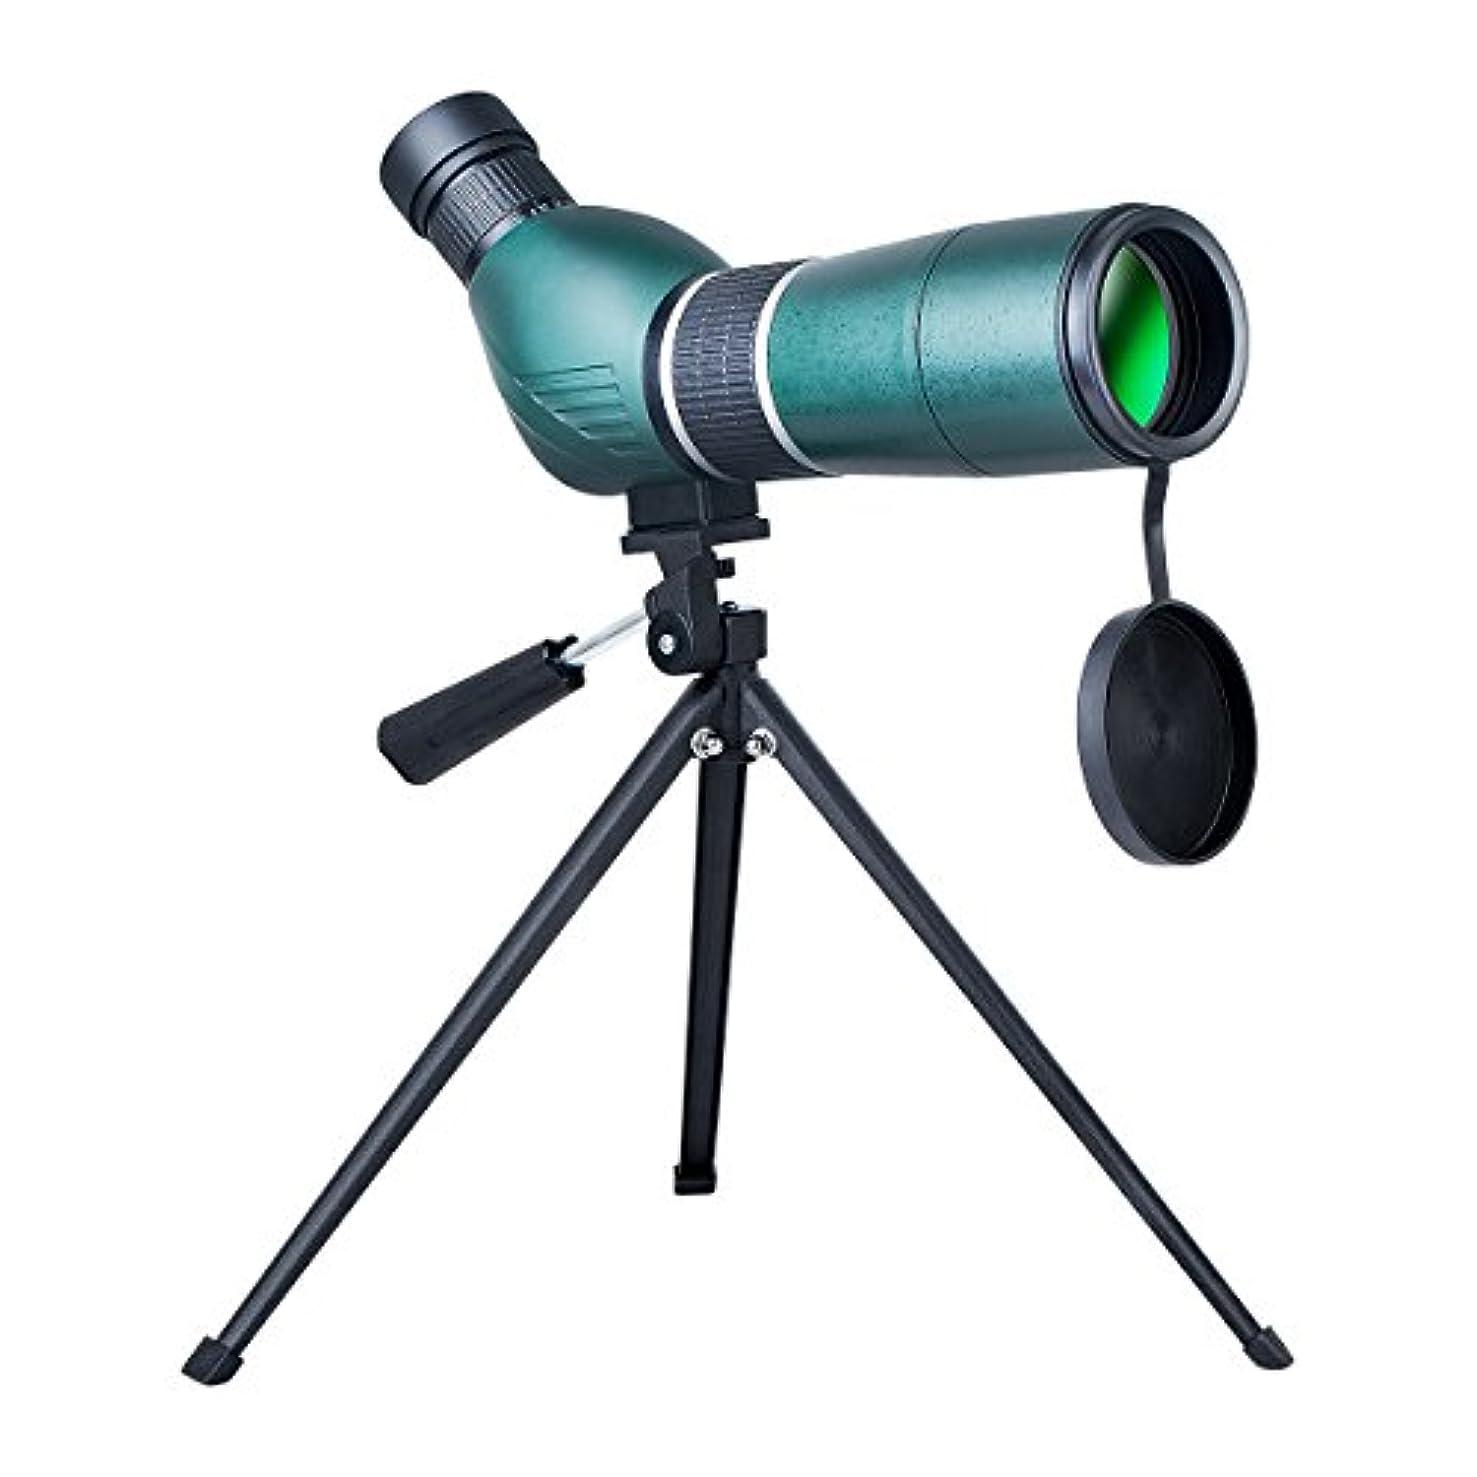 ちょっと待ってキャリア残り単眼鏡 YOUNGDO 16x50高倍率 望遠鏡 BAK4プリズム 超広角 高解像度 防水?曇り止め スマホホルダー めがね対応 アウトドア スポーツ 旅行コンサート用 収納ケース ストラップ付き (グリーン)